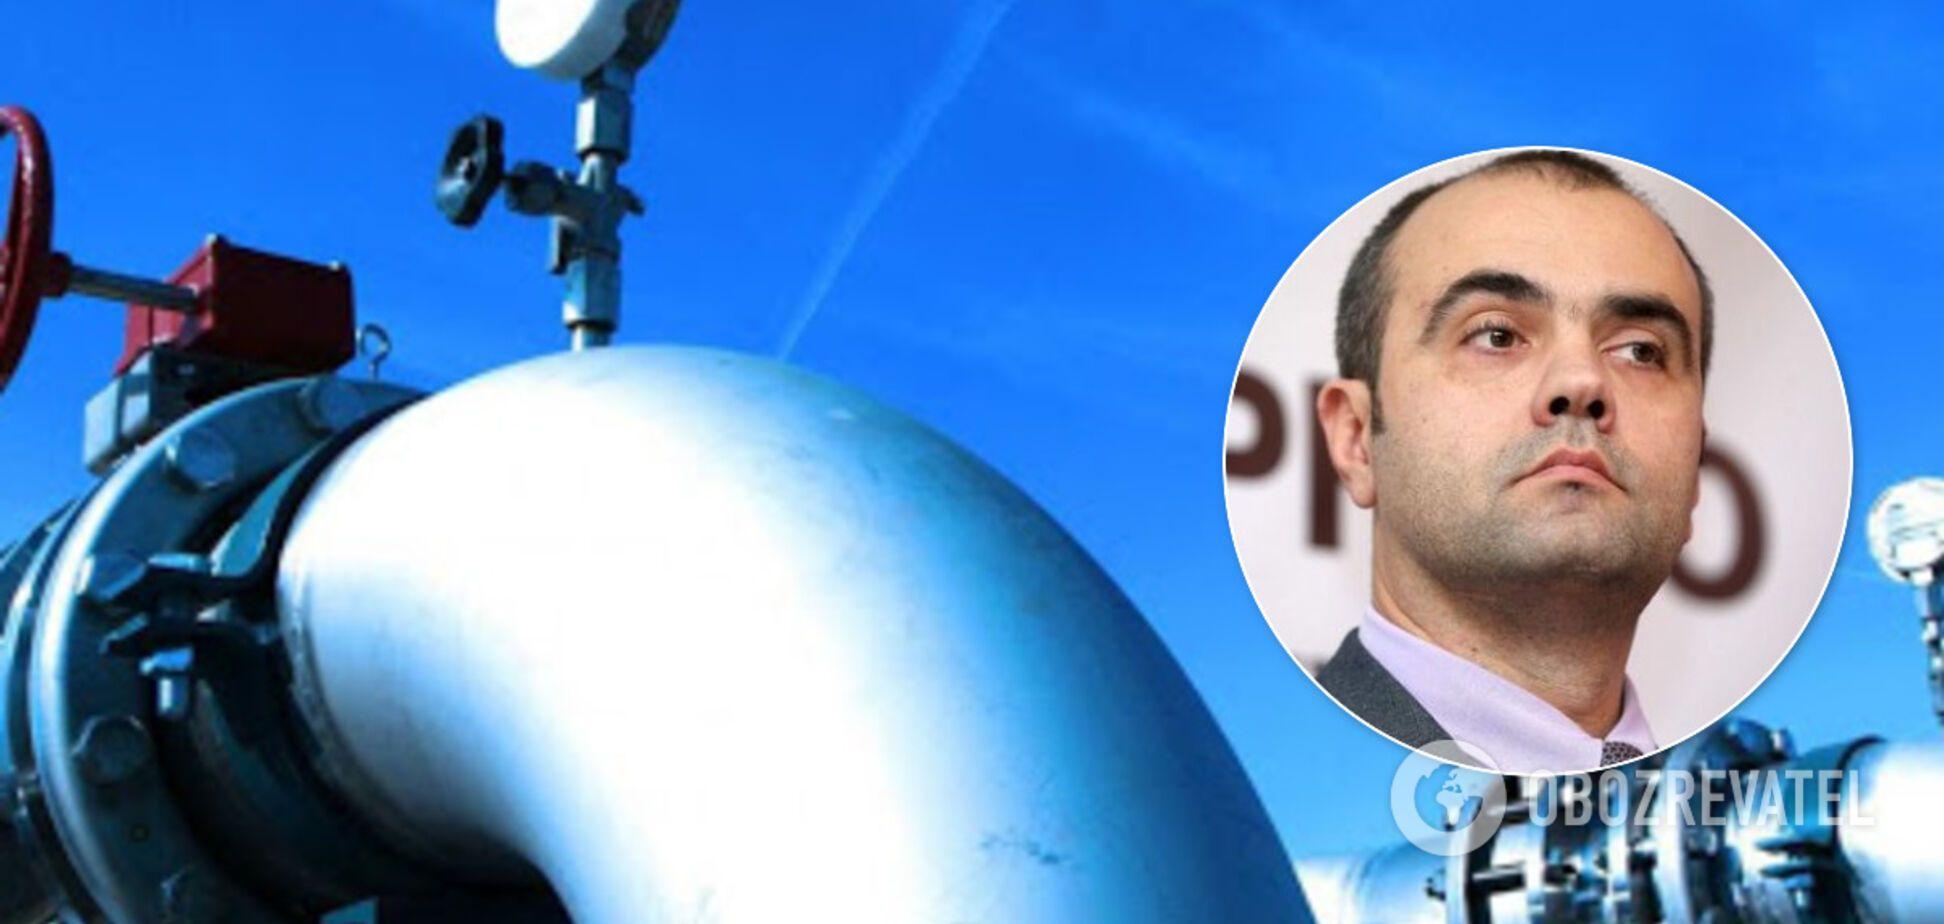 Сергей Макогон заявил, что 'Газпром' начал разбирать трубы, ведущие в Украину